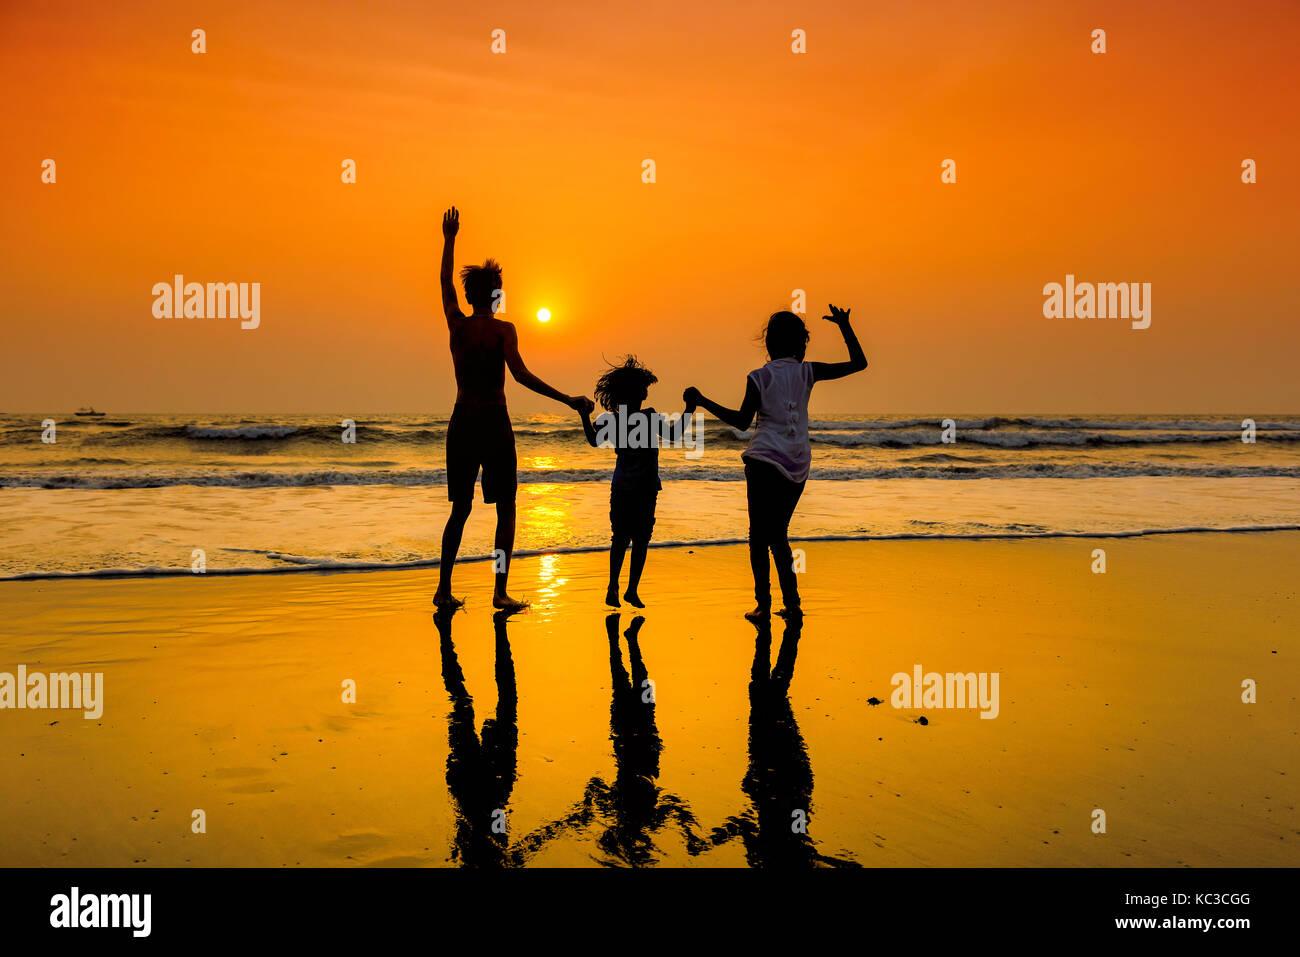 Silhouettes d'un groupe d'enfants danser sur la plage au coucher du soleil. Photo Stock